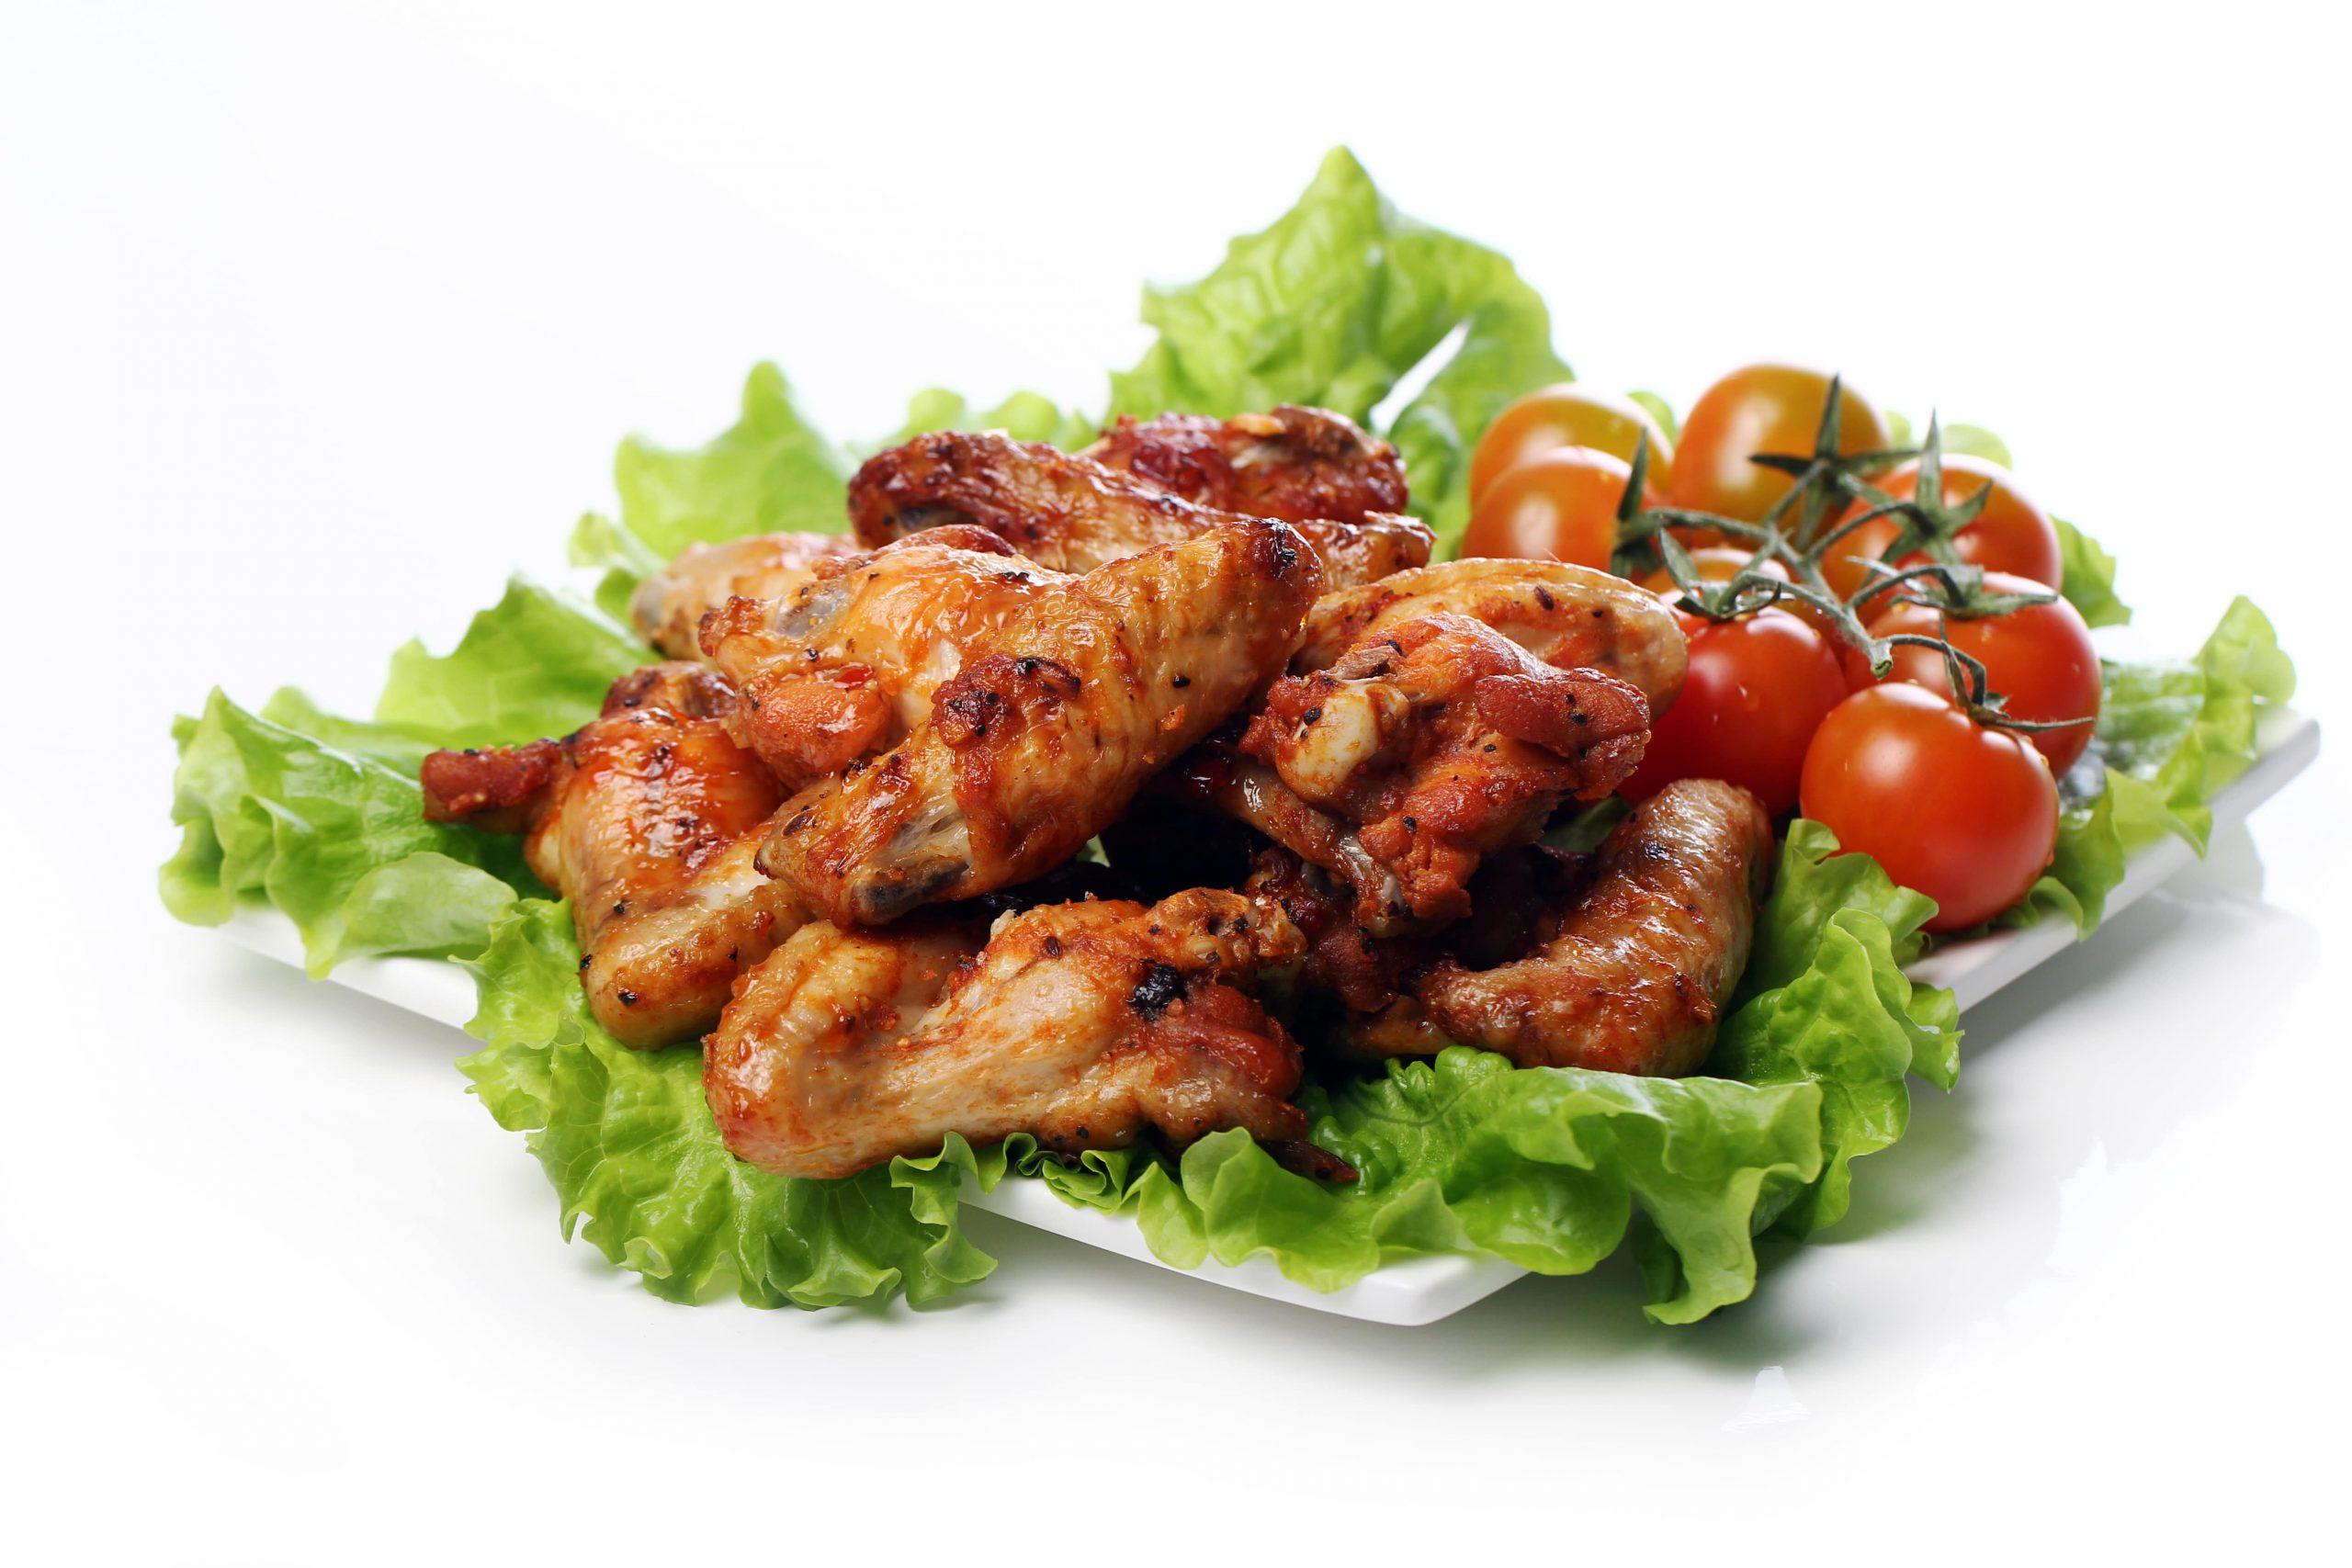 گوشت و مرغ را در رژیم کم خونی استفاده کنید